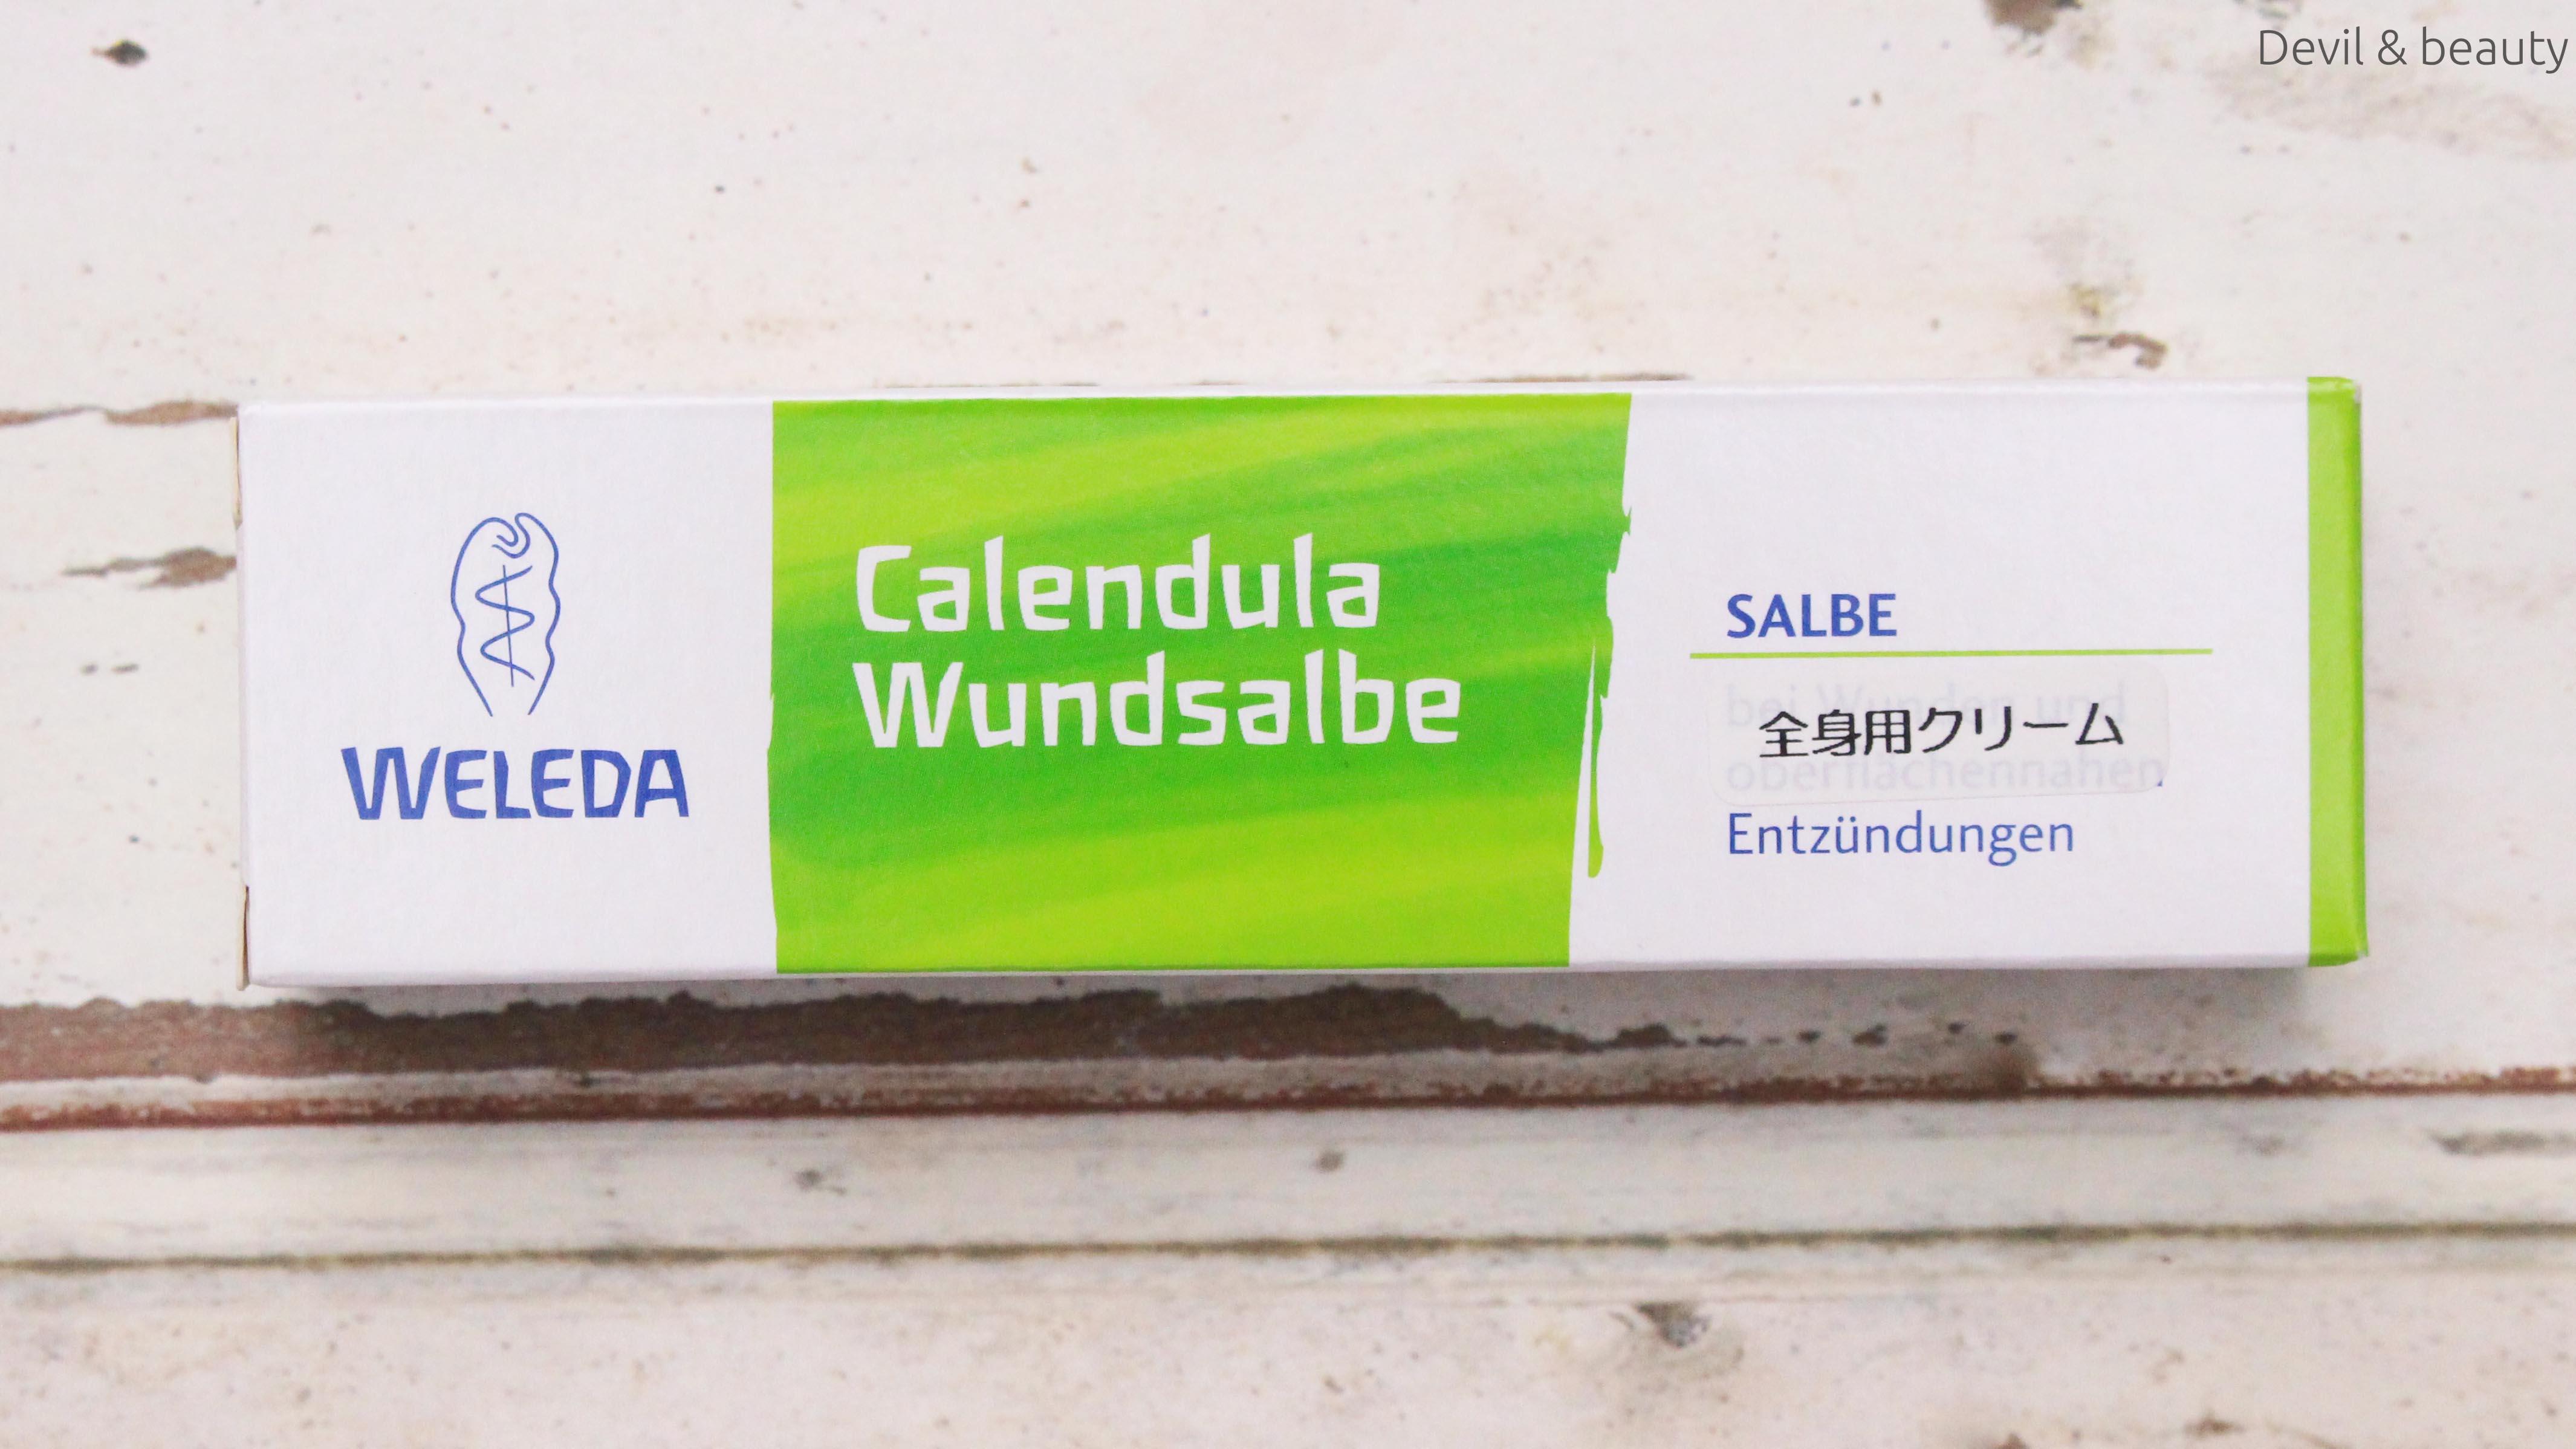 weleda-calendula-wundsalbe3 - image